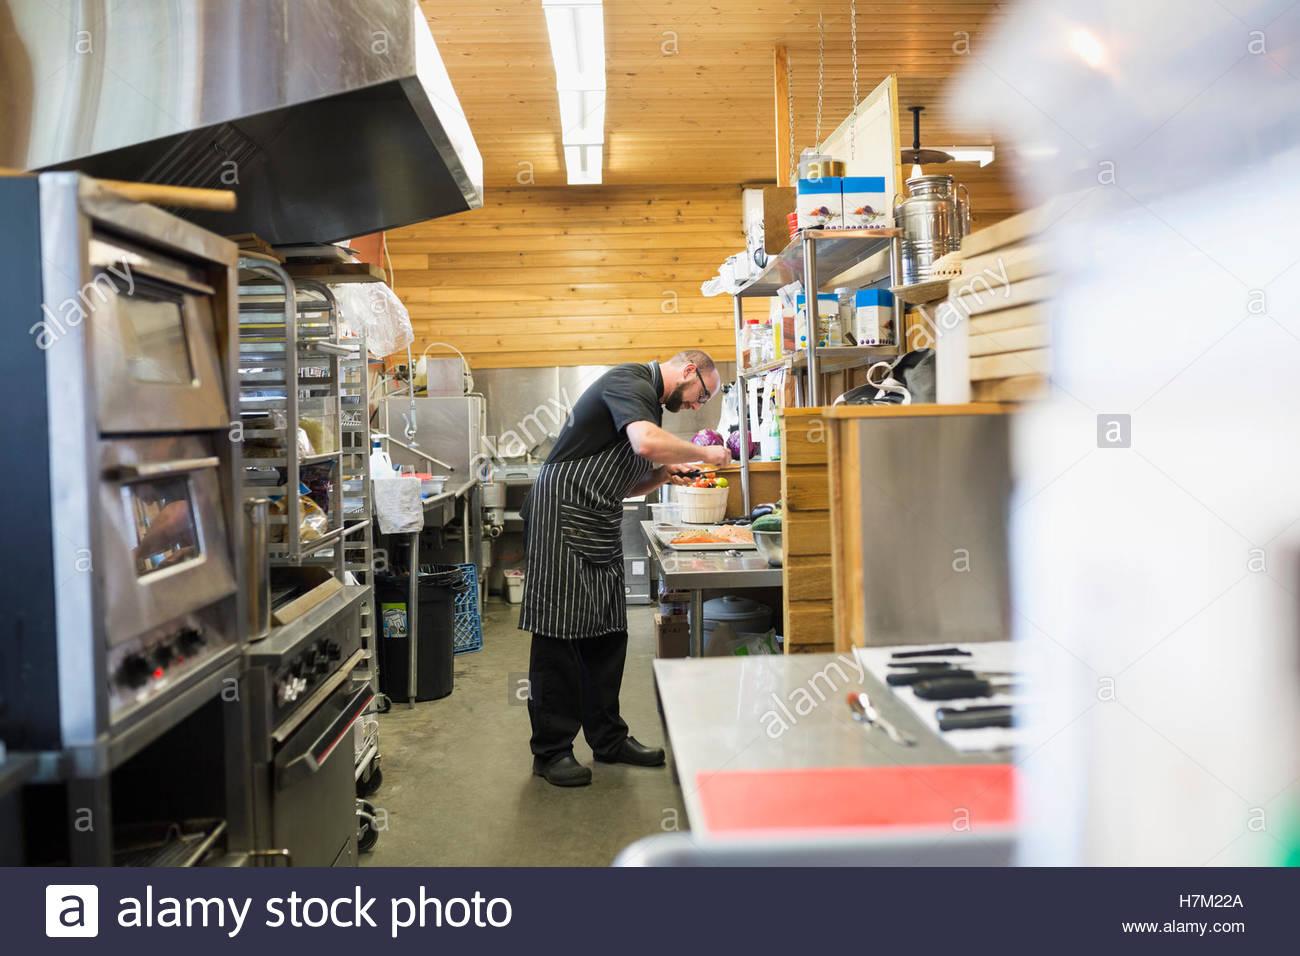 Chef de cocina en el restaurante cocina comercial Imagen De Stock